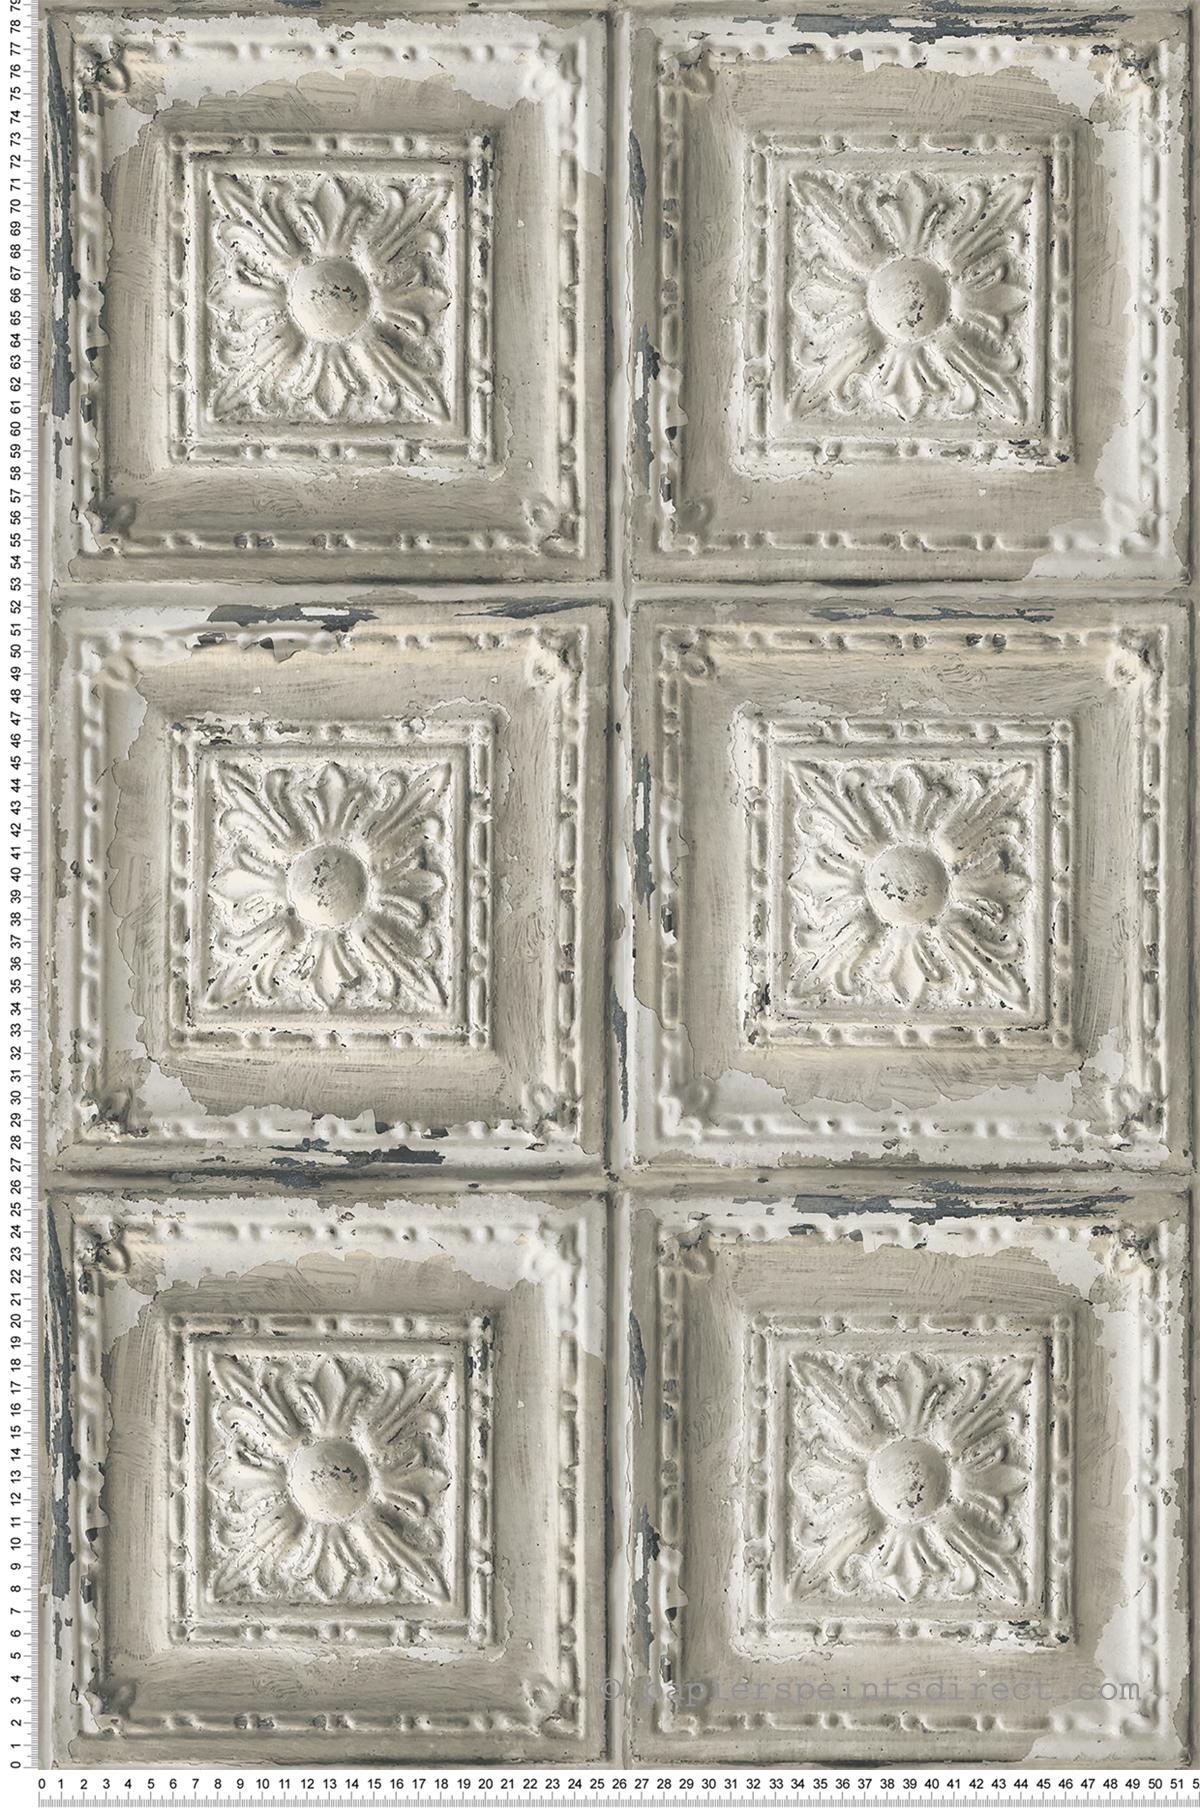 Papier Peint Trompe L Oeil Plafond papier peint dalle plafond grège - structure de lutèce | réf